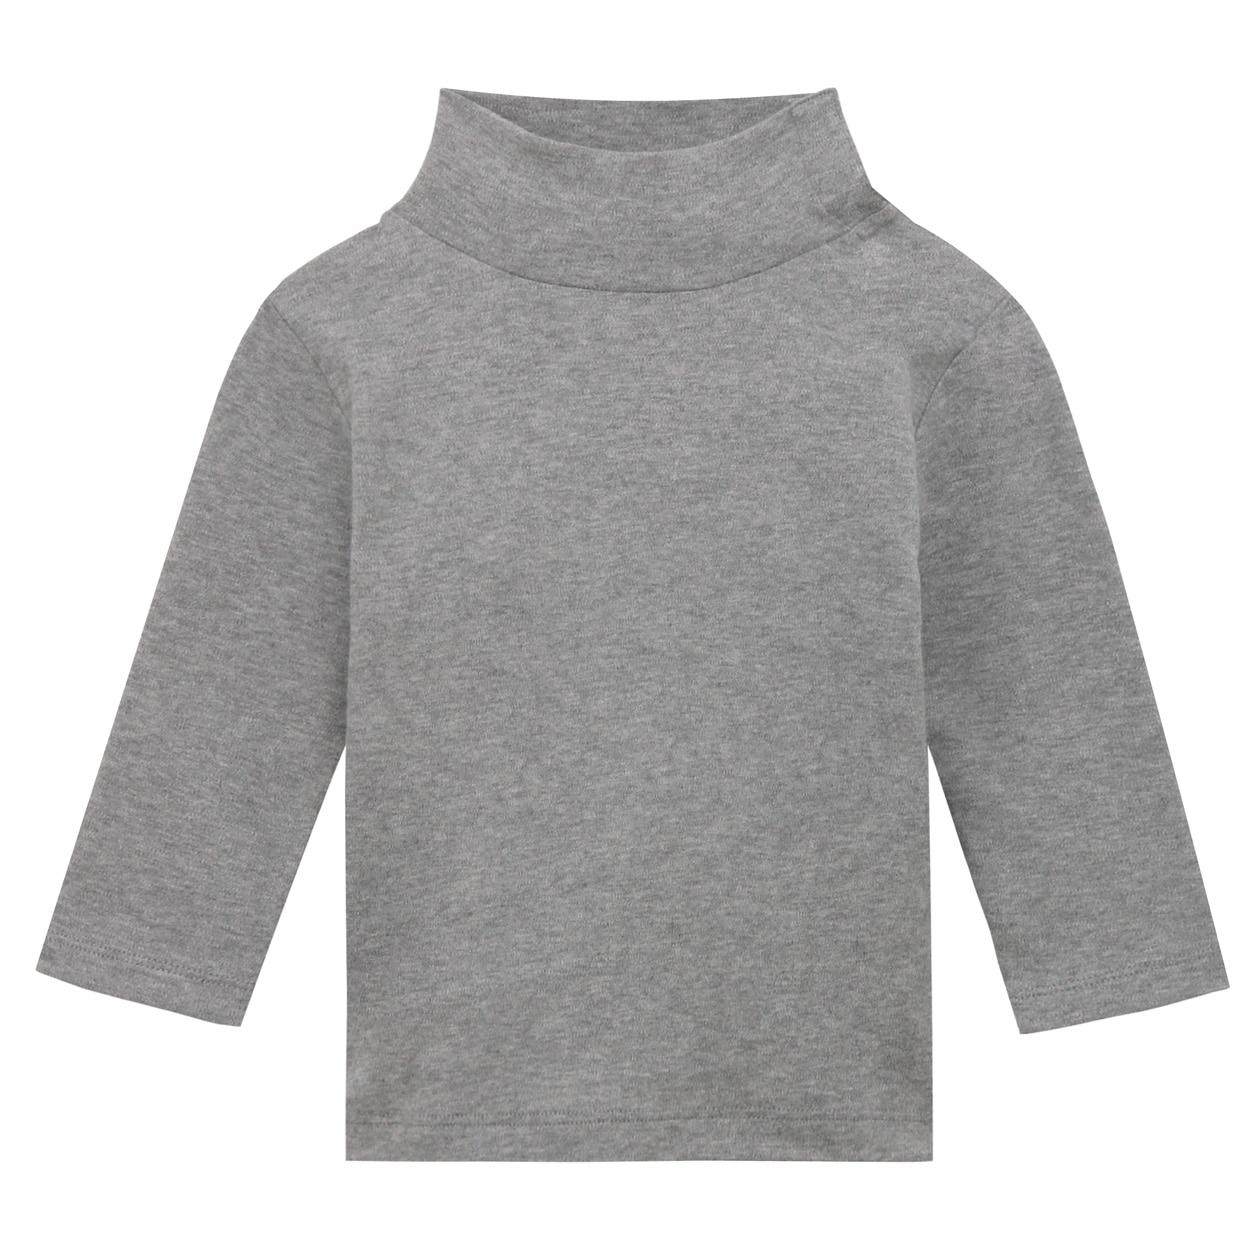 オーガニックコットン両面起毛スムースハイネック長袖Tシャツ(ベビー)